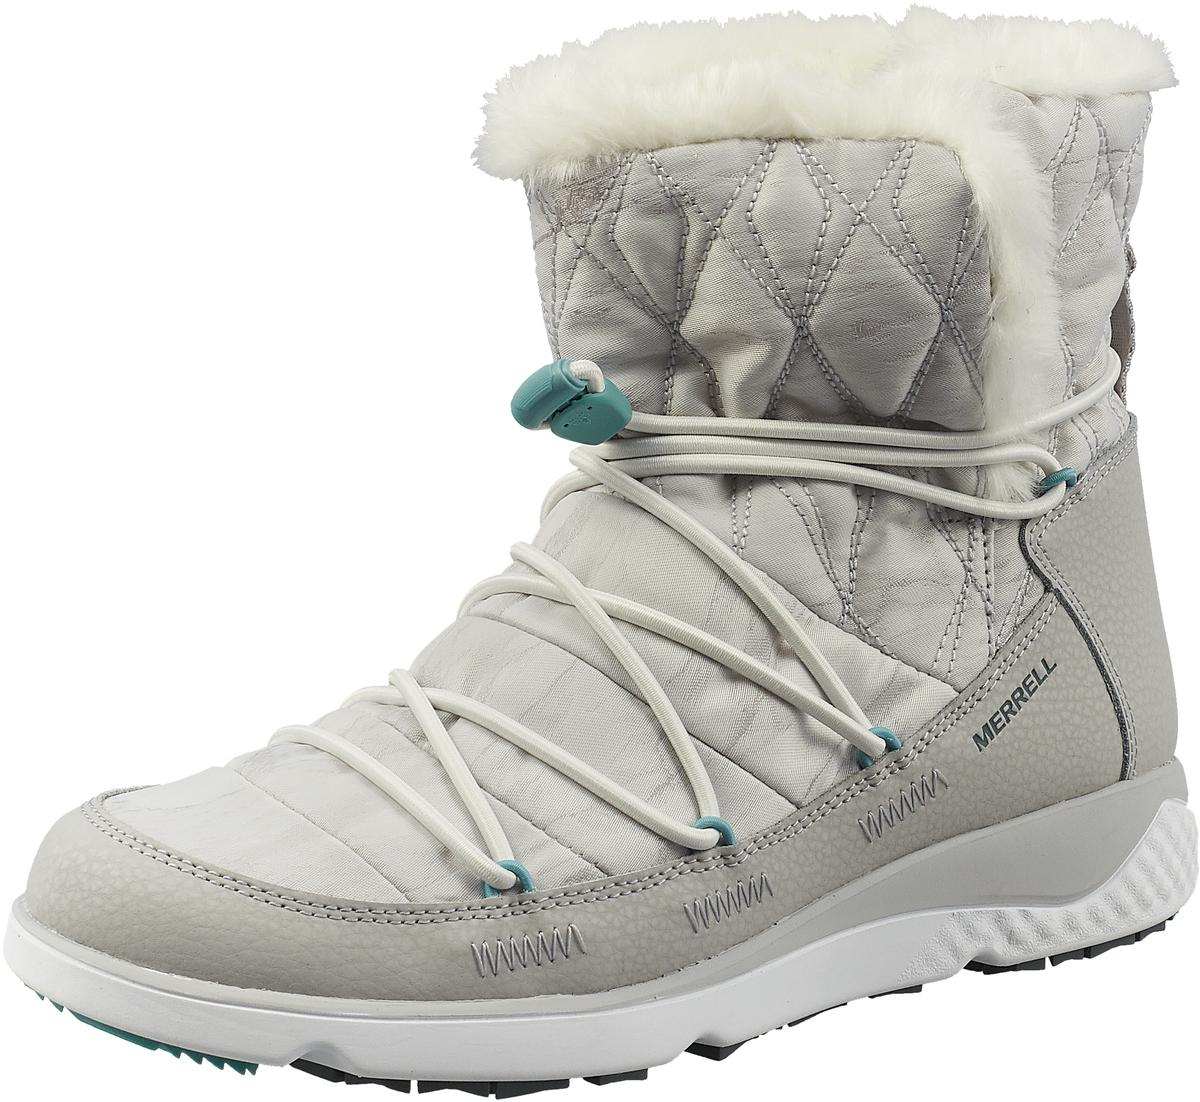 Полусапоги Merrell ботинки для девочки merrell m moab fst polar mid a c wtrpf цвет черный розовый mk159178 размер 13 30